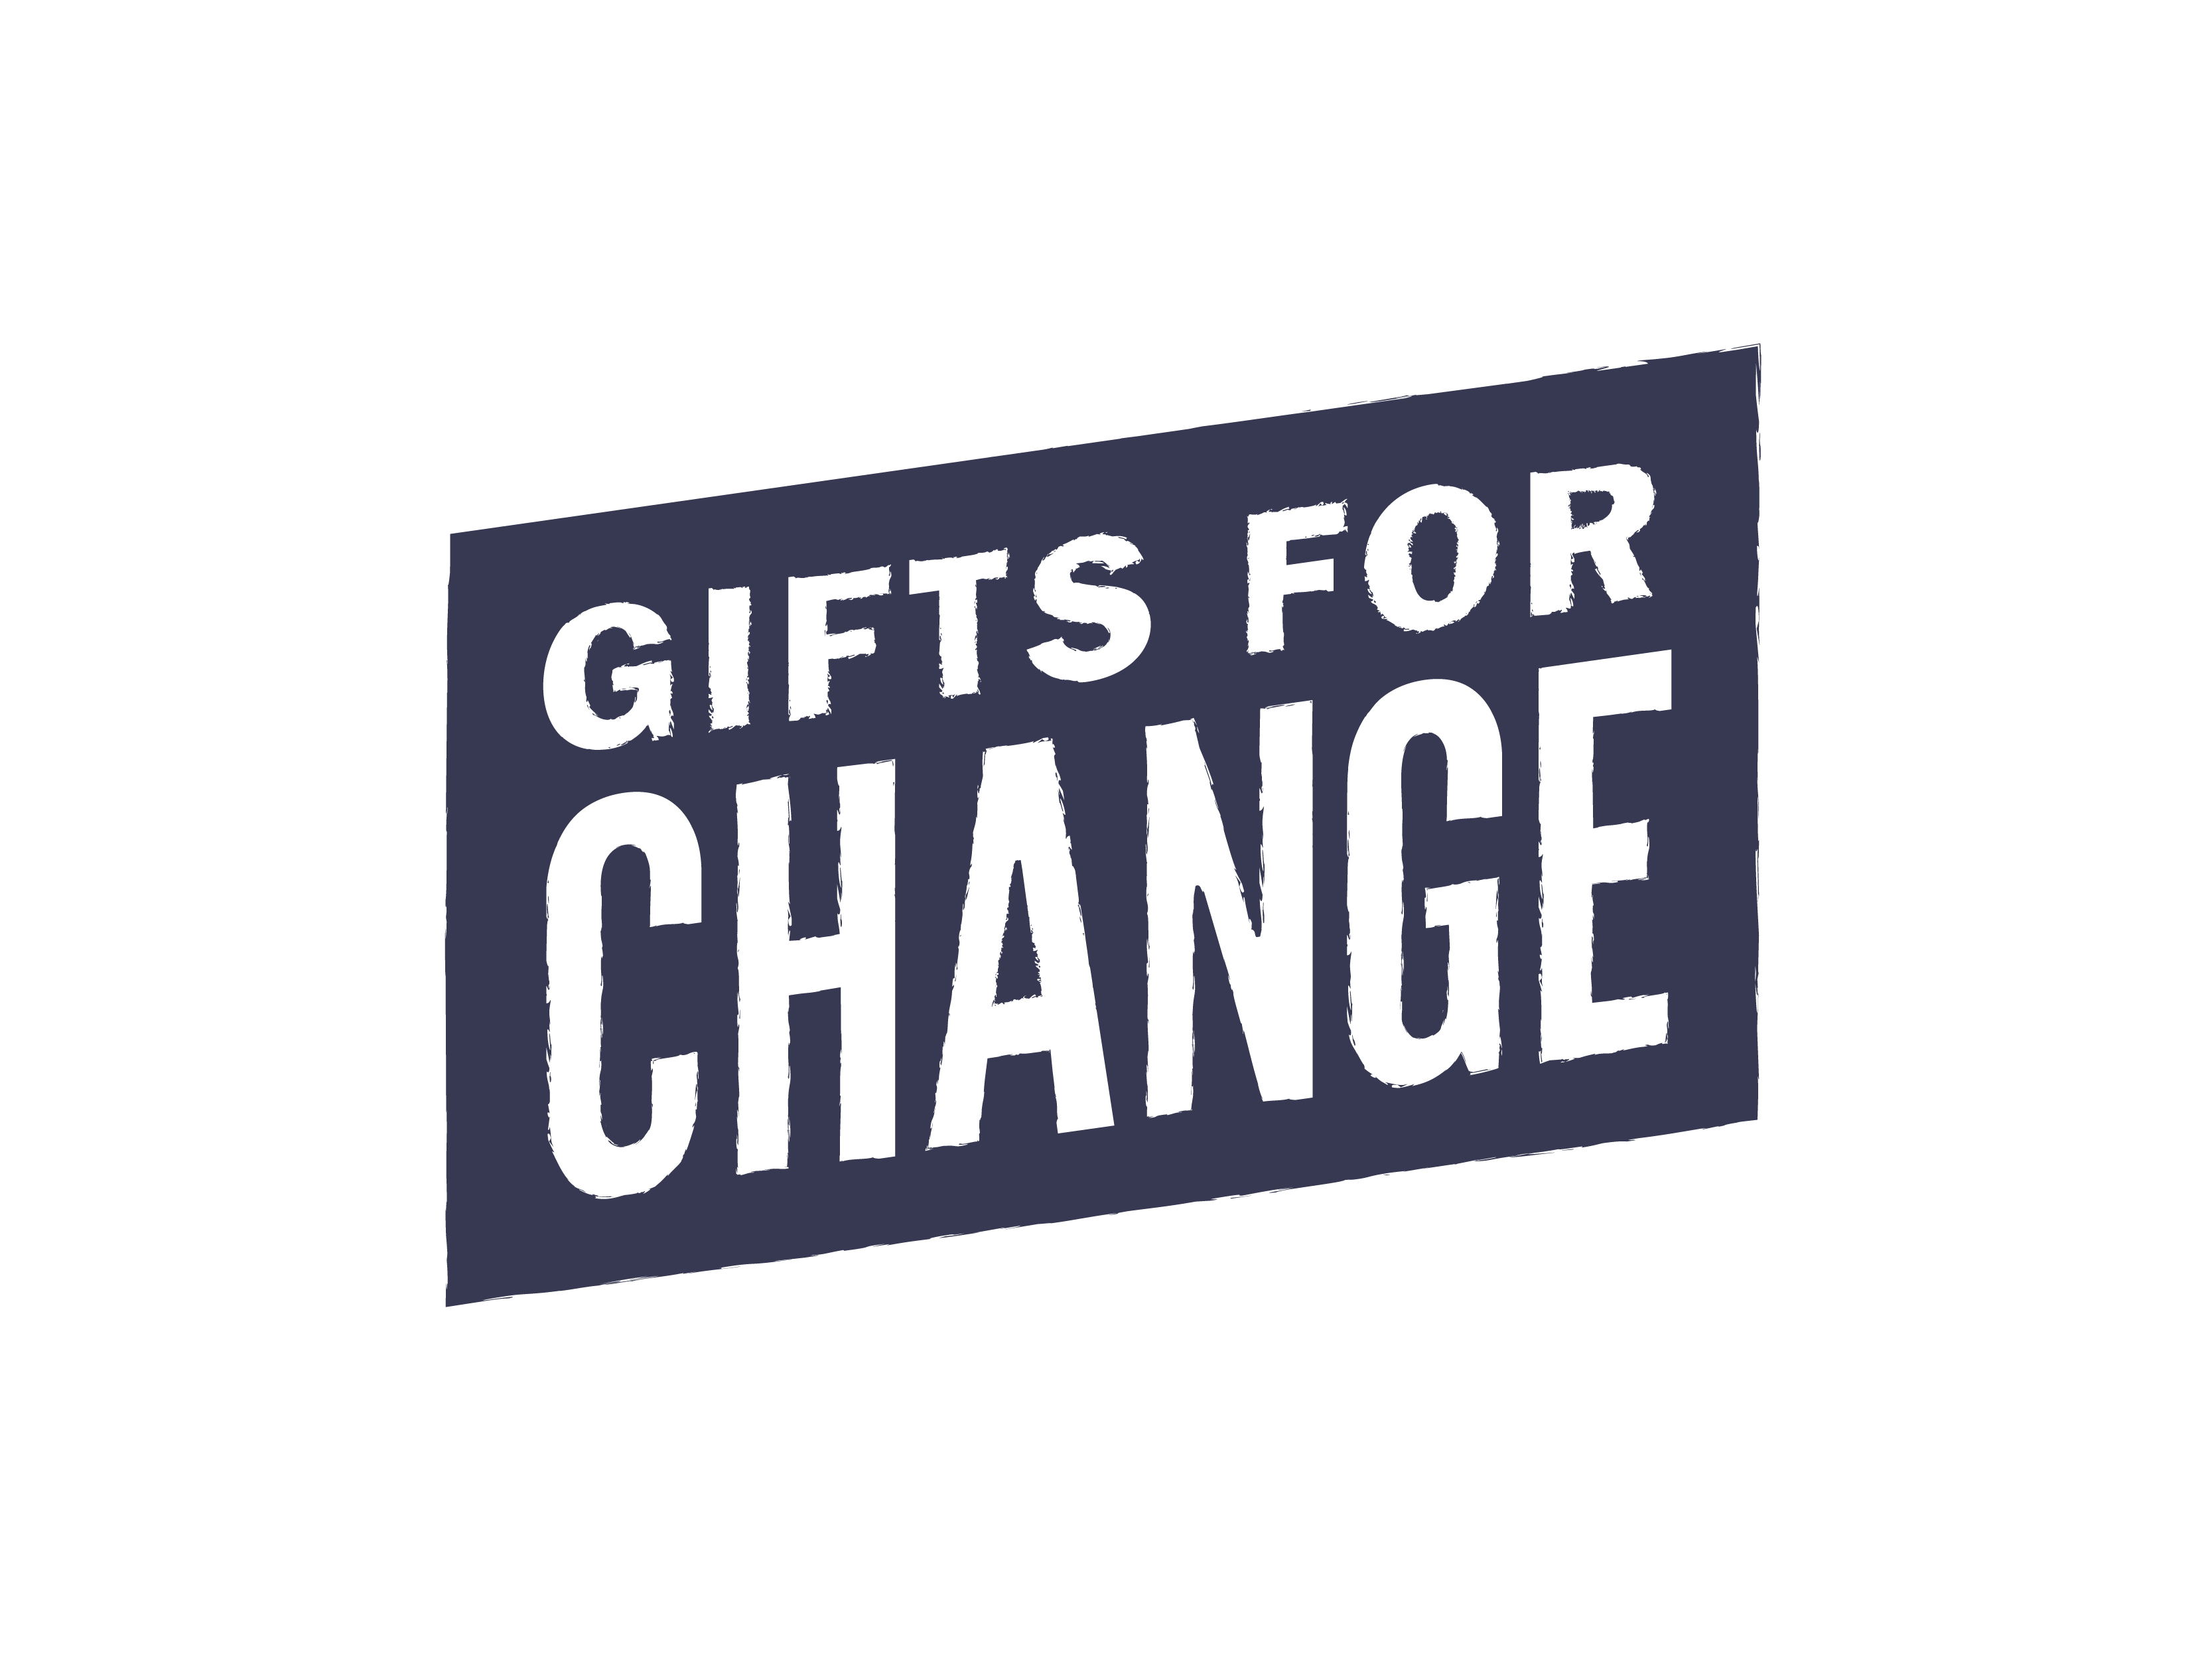 Gifts fchange